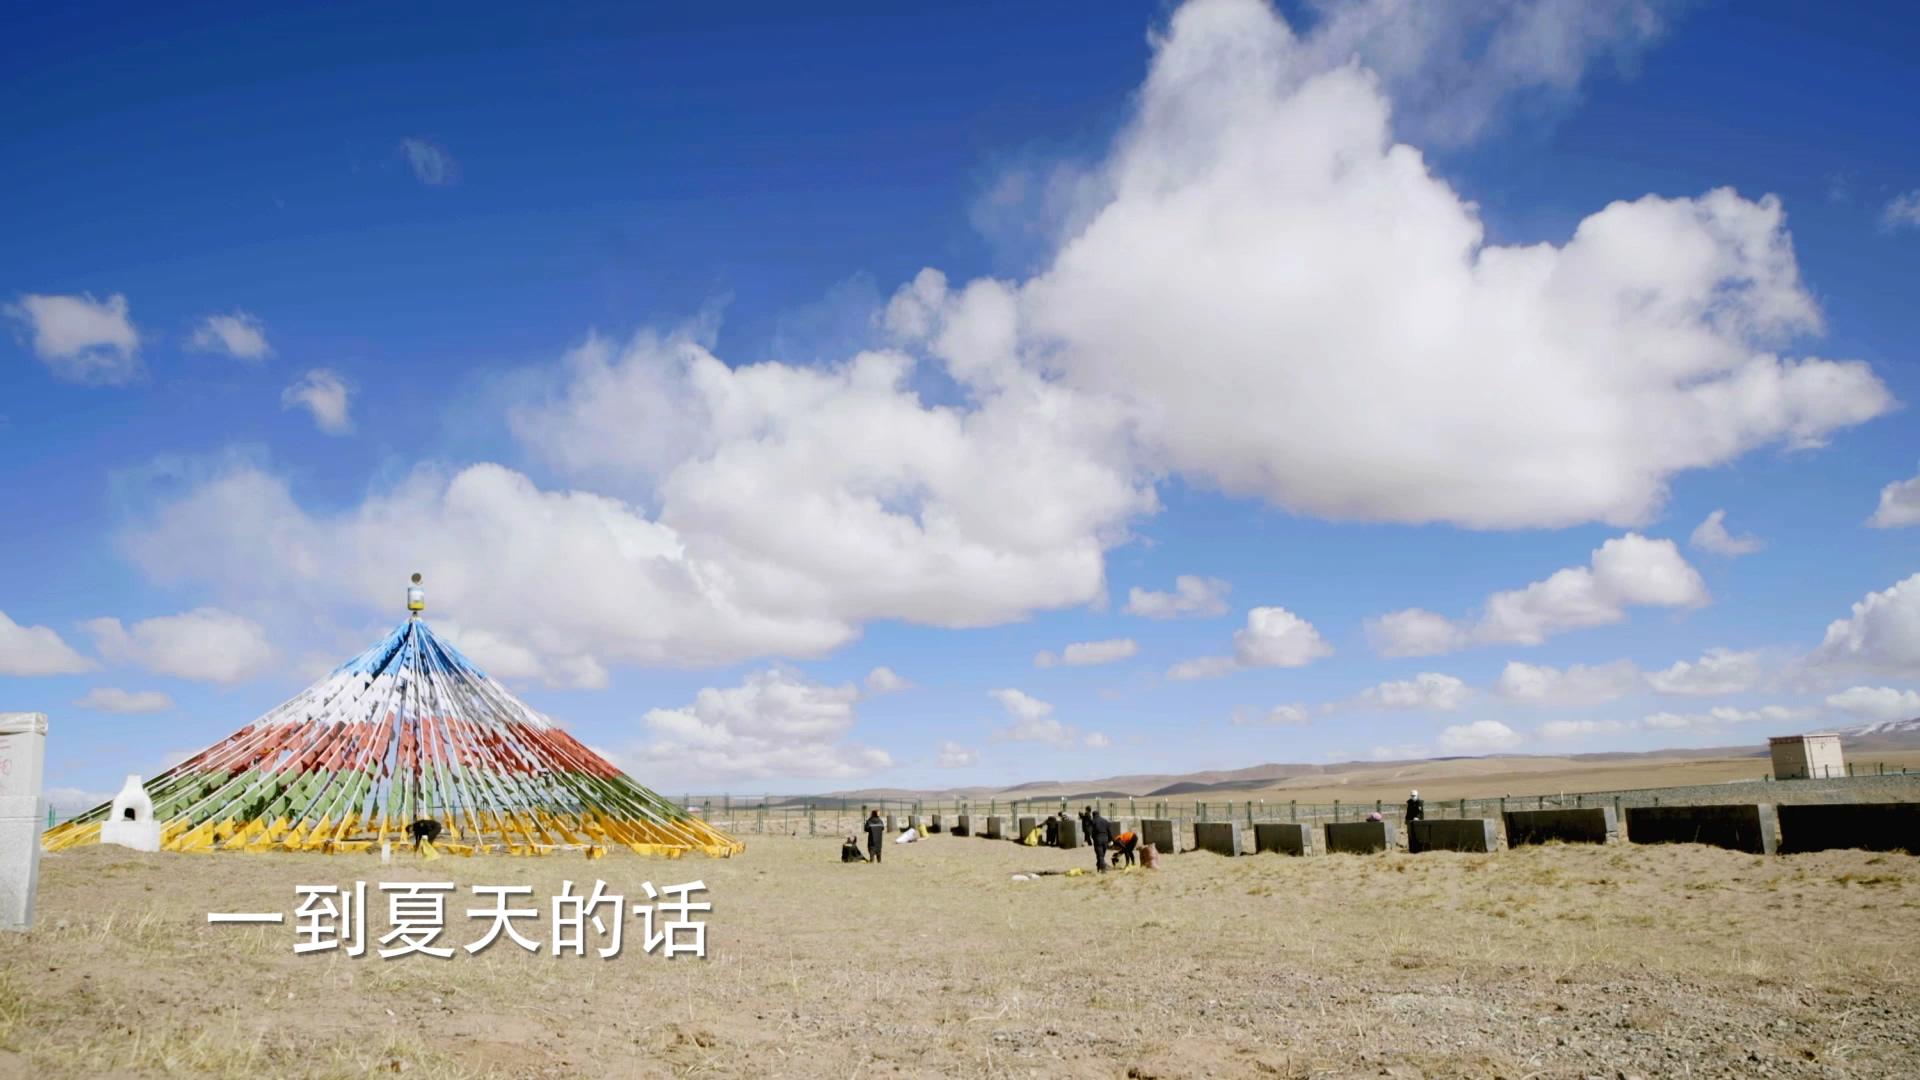 《一村一寨总关情》第一季04长江源村